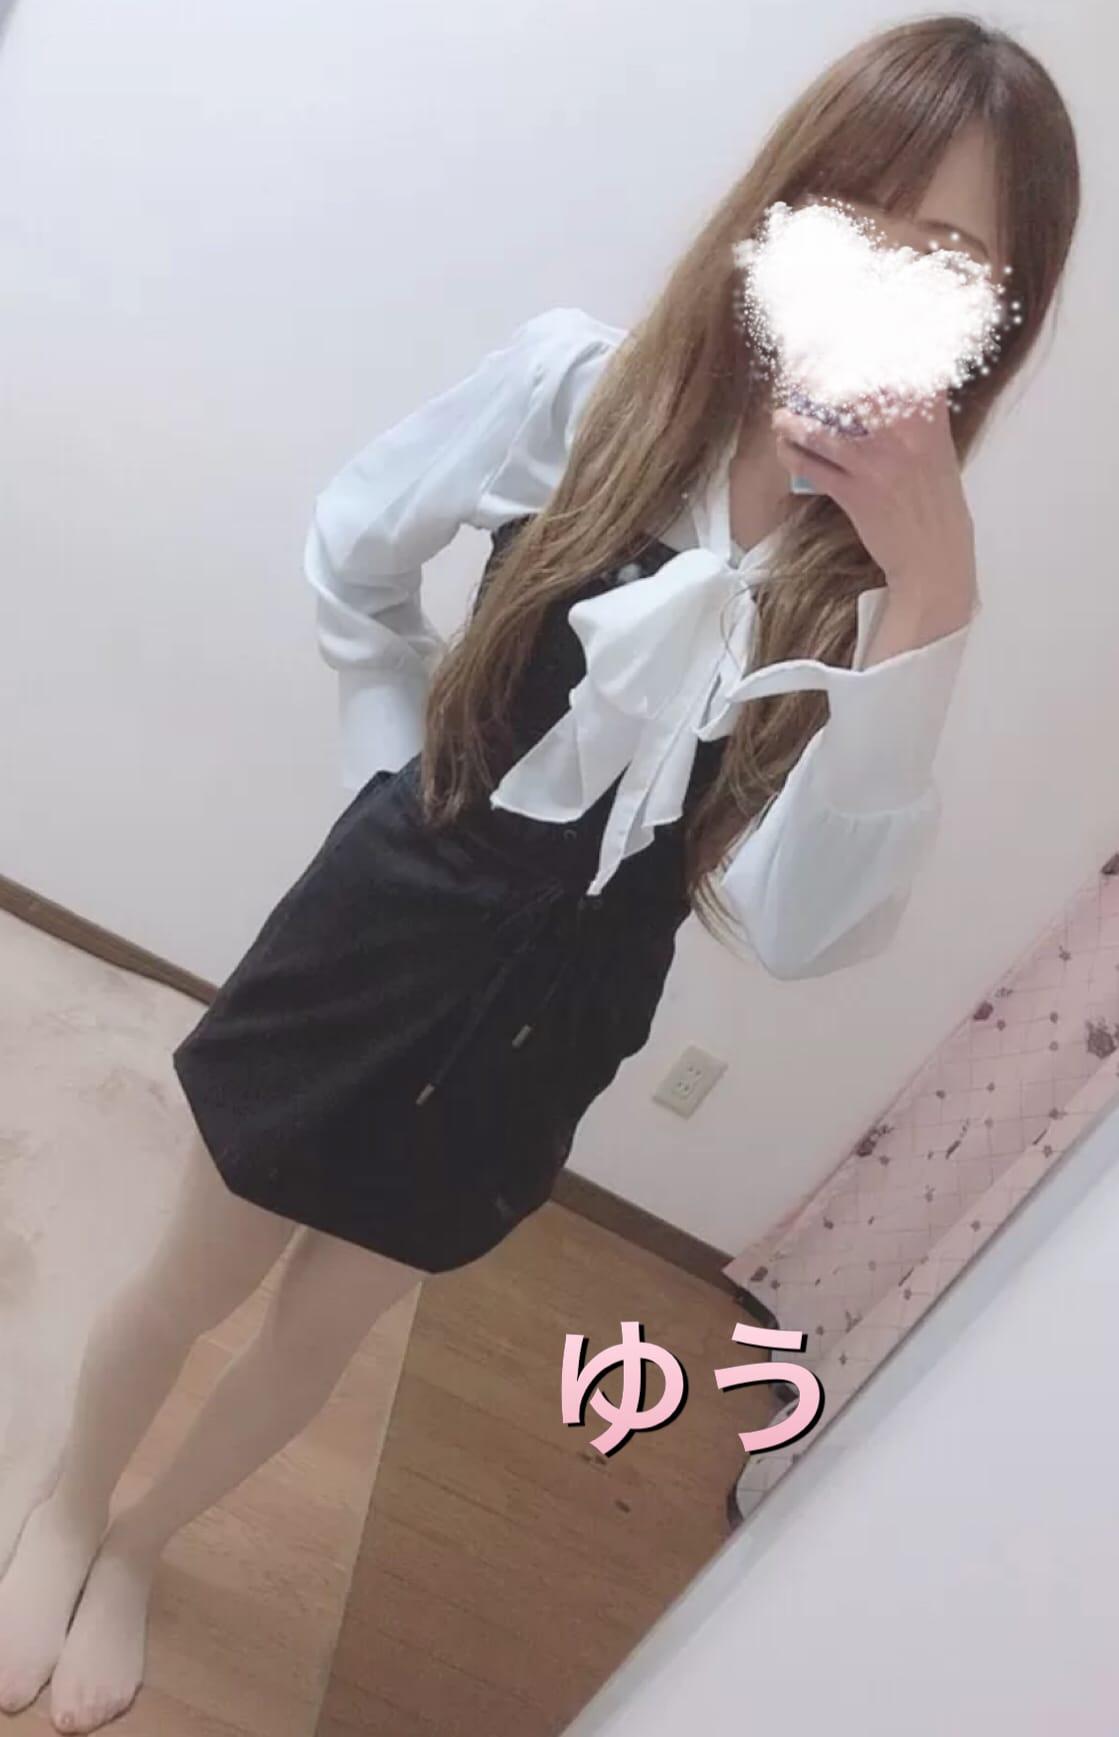 「こんばんは♪」06/11(火) 22:10   ゆうの写メ・風俗動画